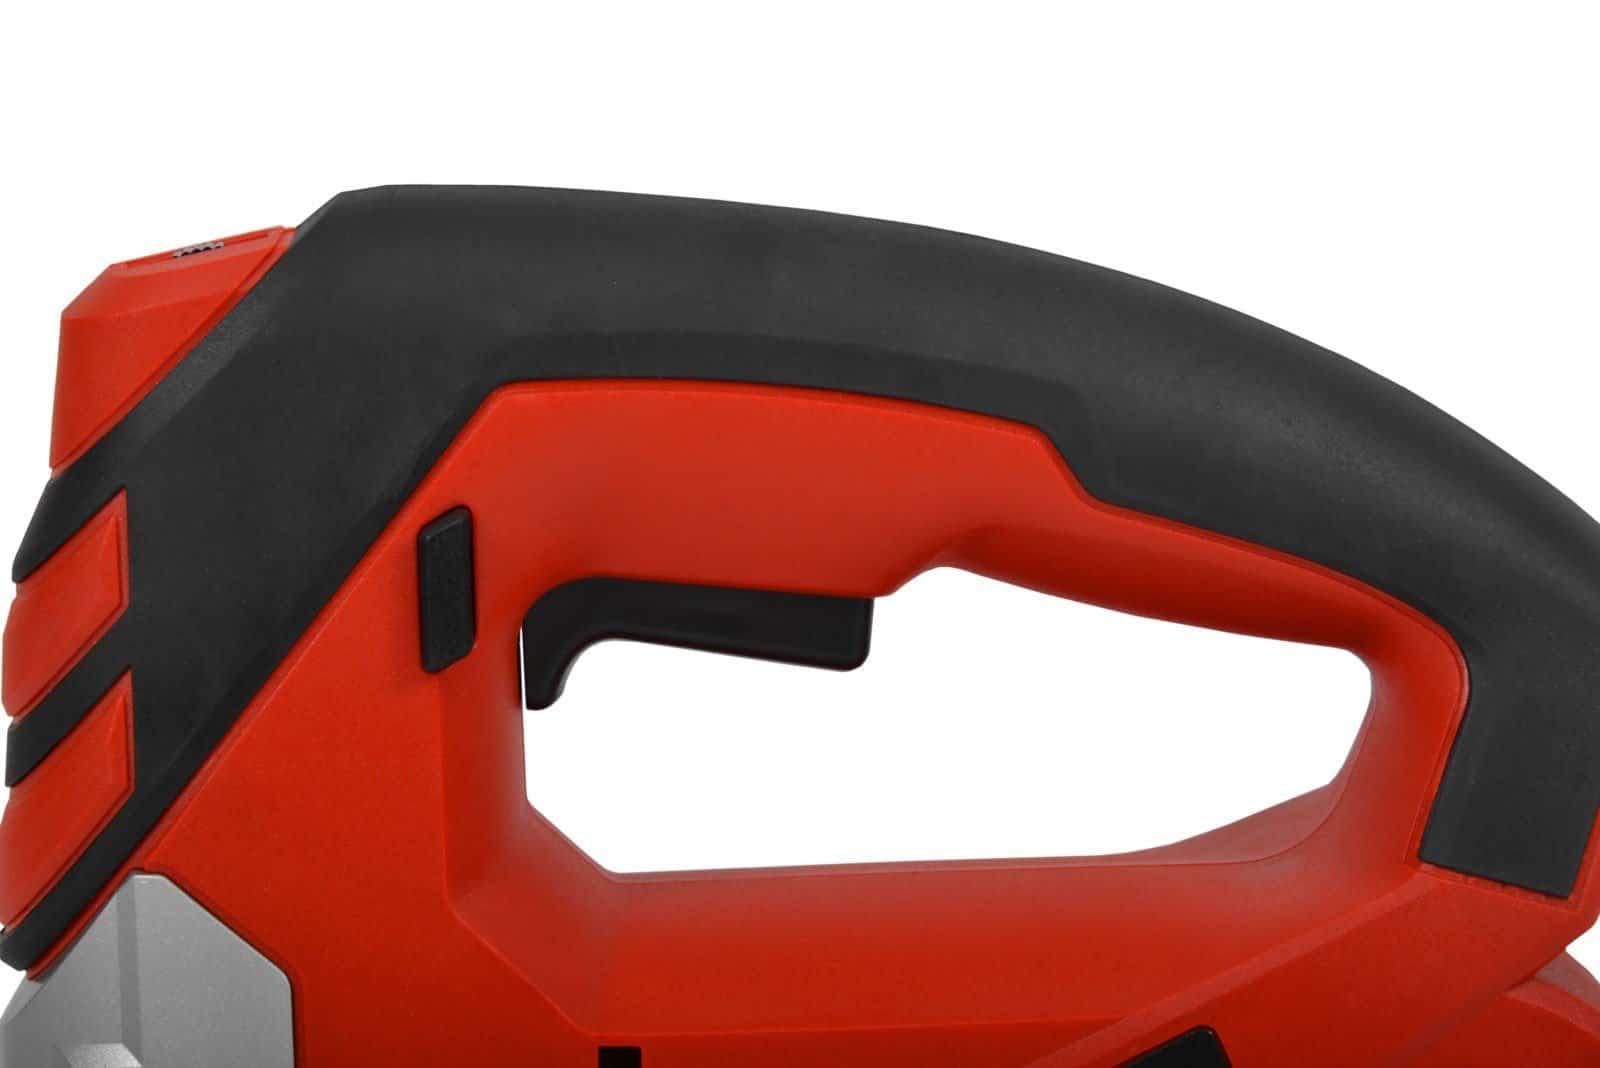 Serra Tico-Tico 650w HCT TT 1568